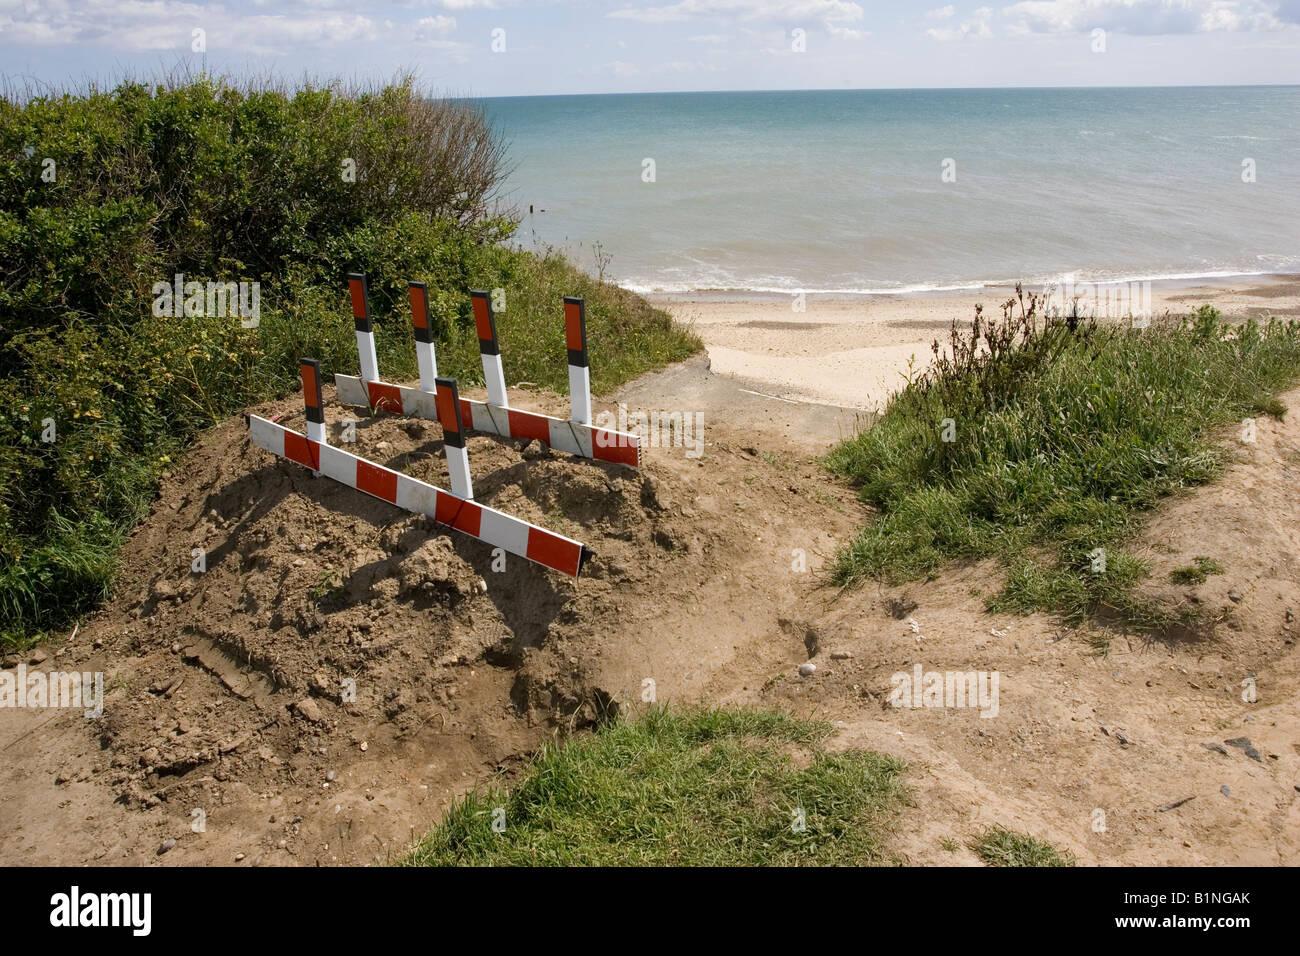 Blocked road collapsed after severe coastal erosion Happisburgh North Norfolk Coast UK - Stock Image